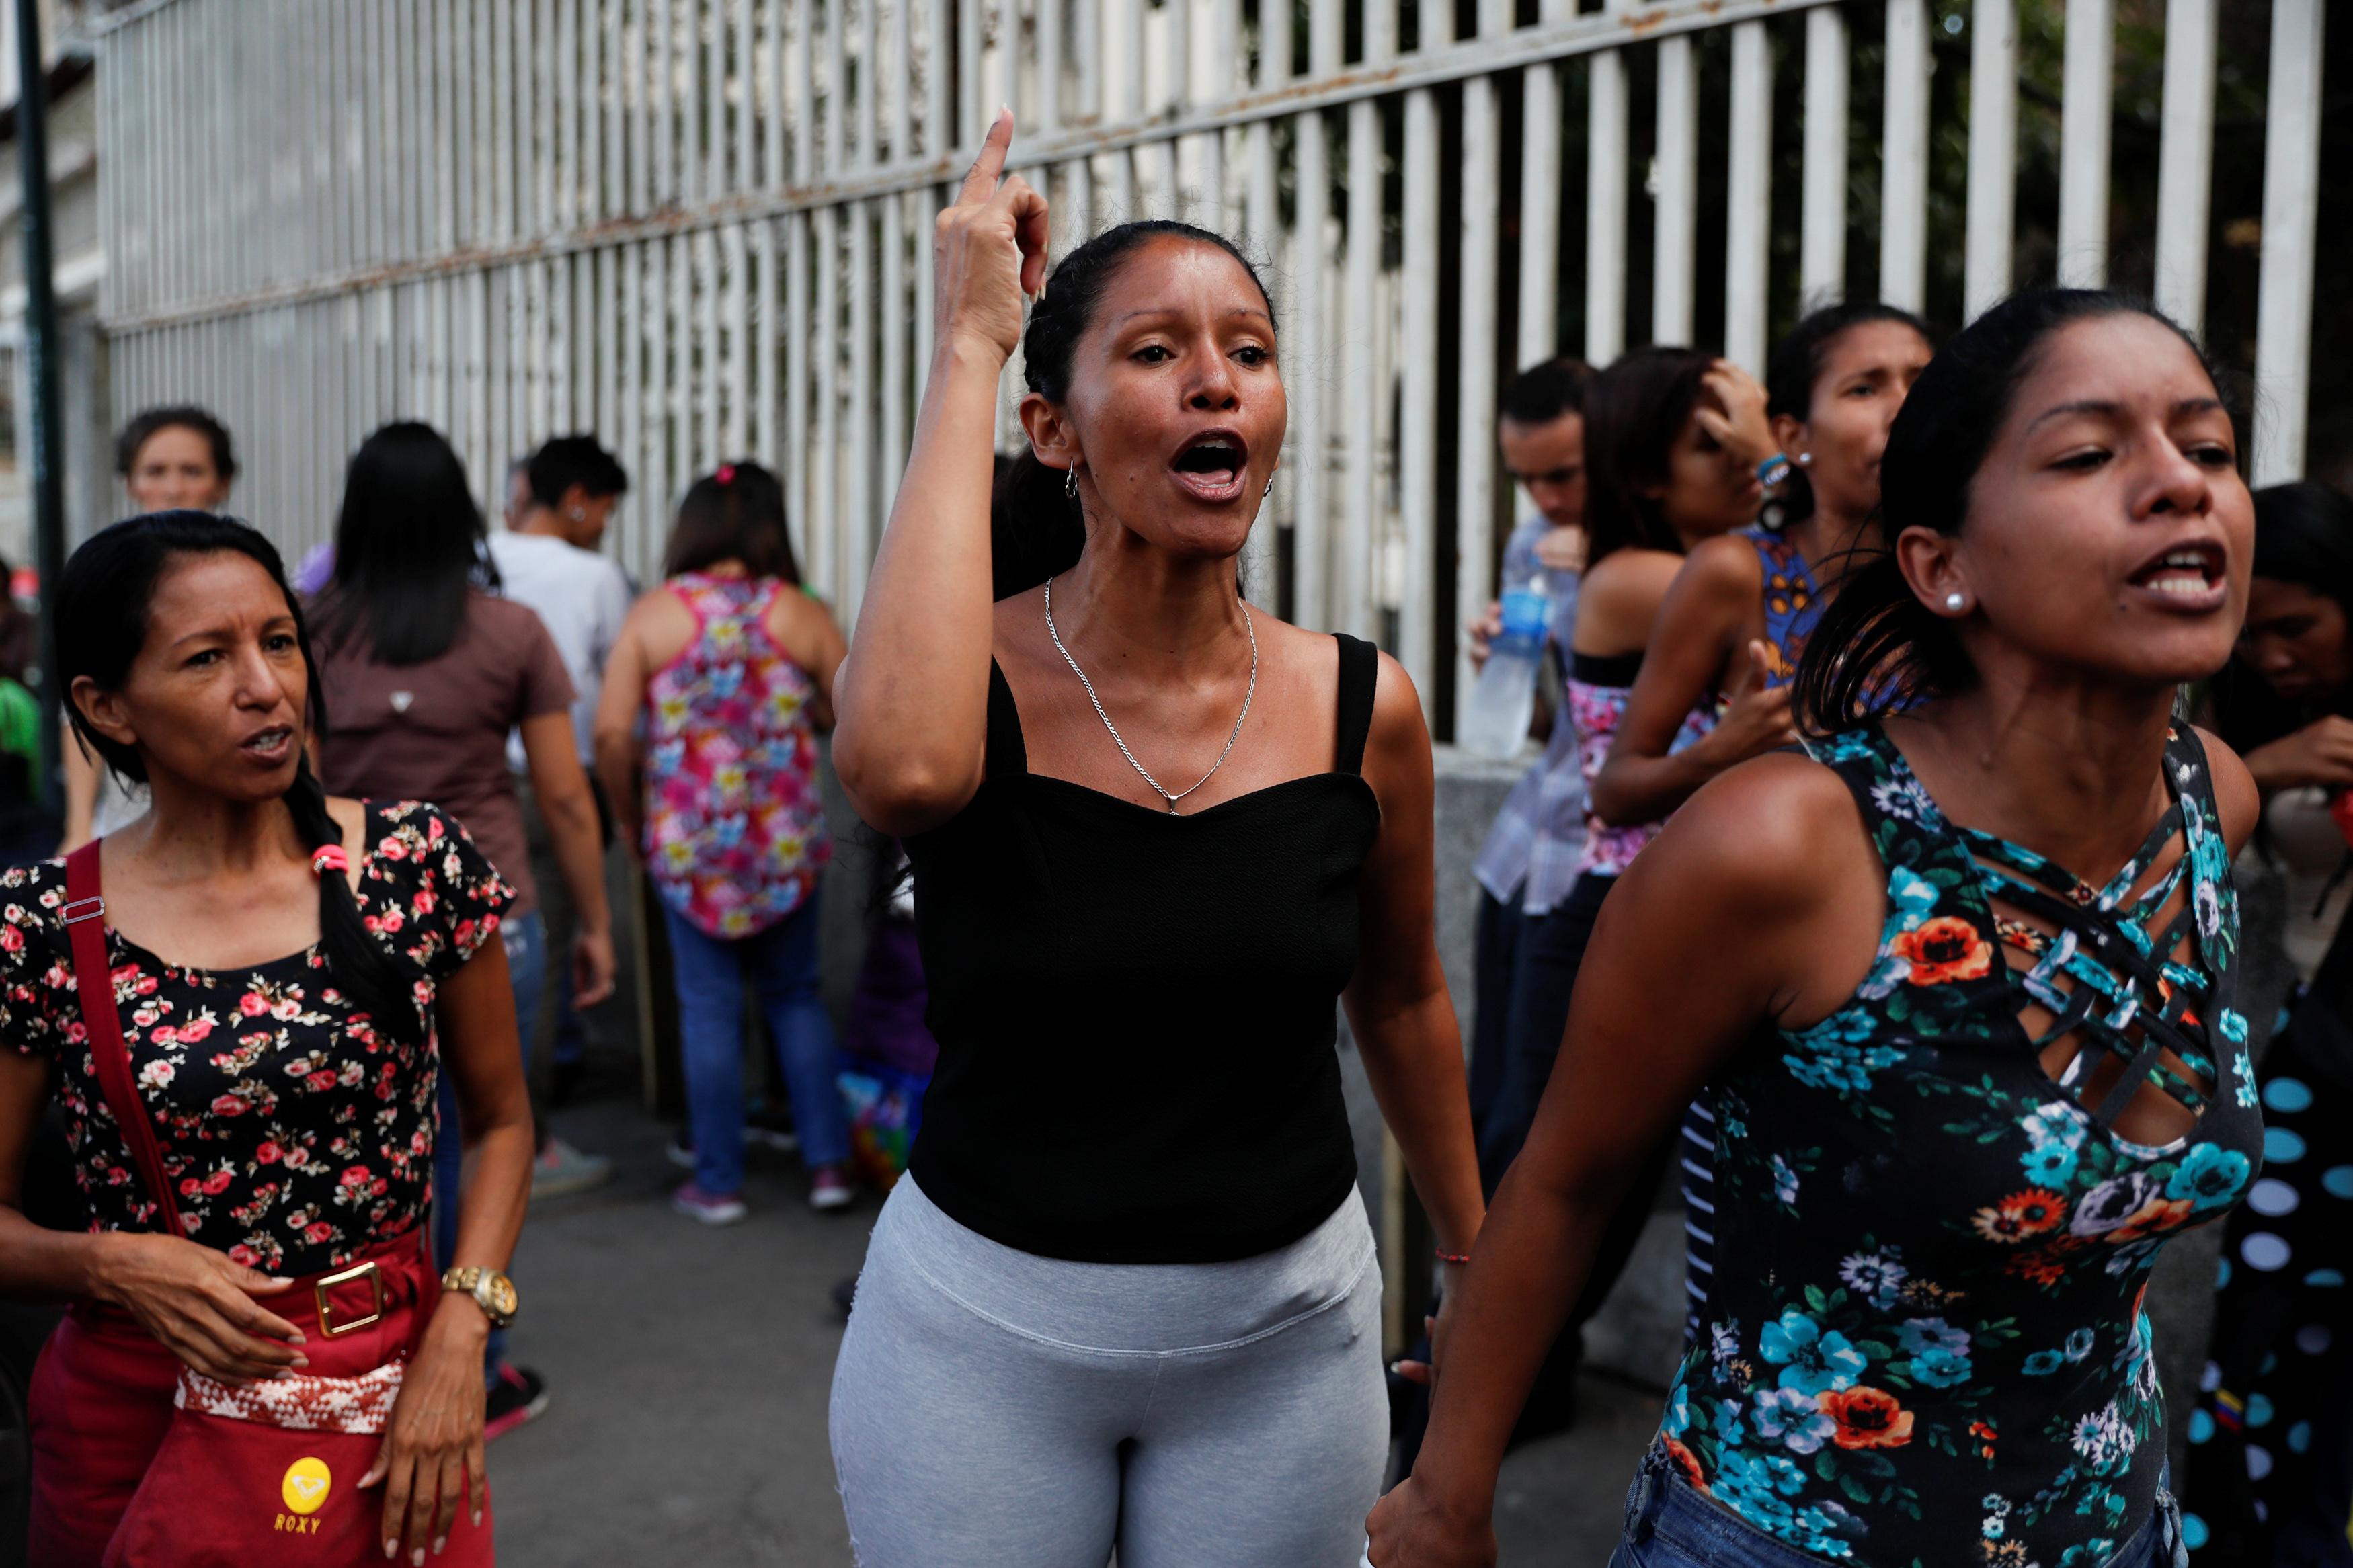 احتجاج لذوى المحتجزين خارج مقر الاحتجاز